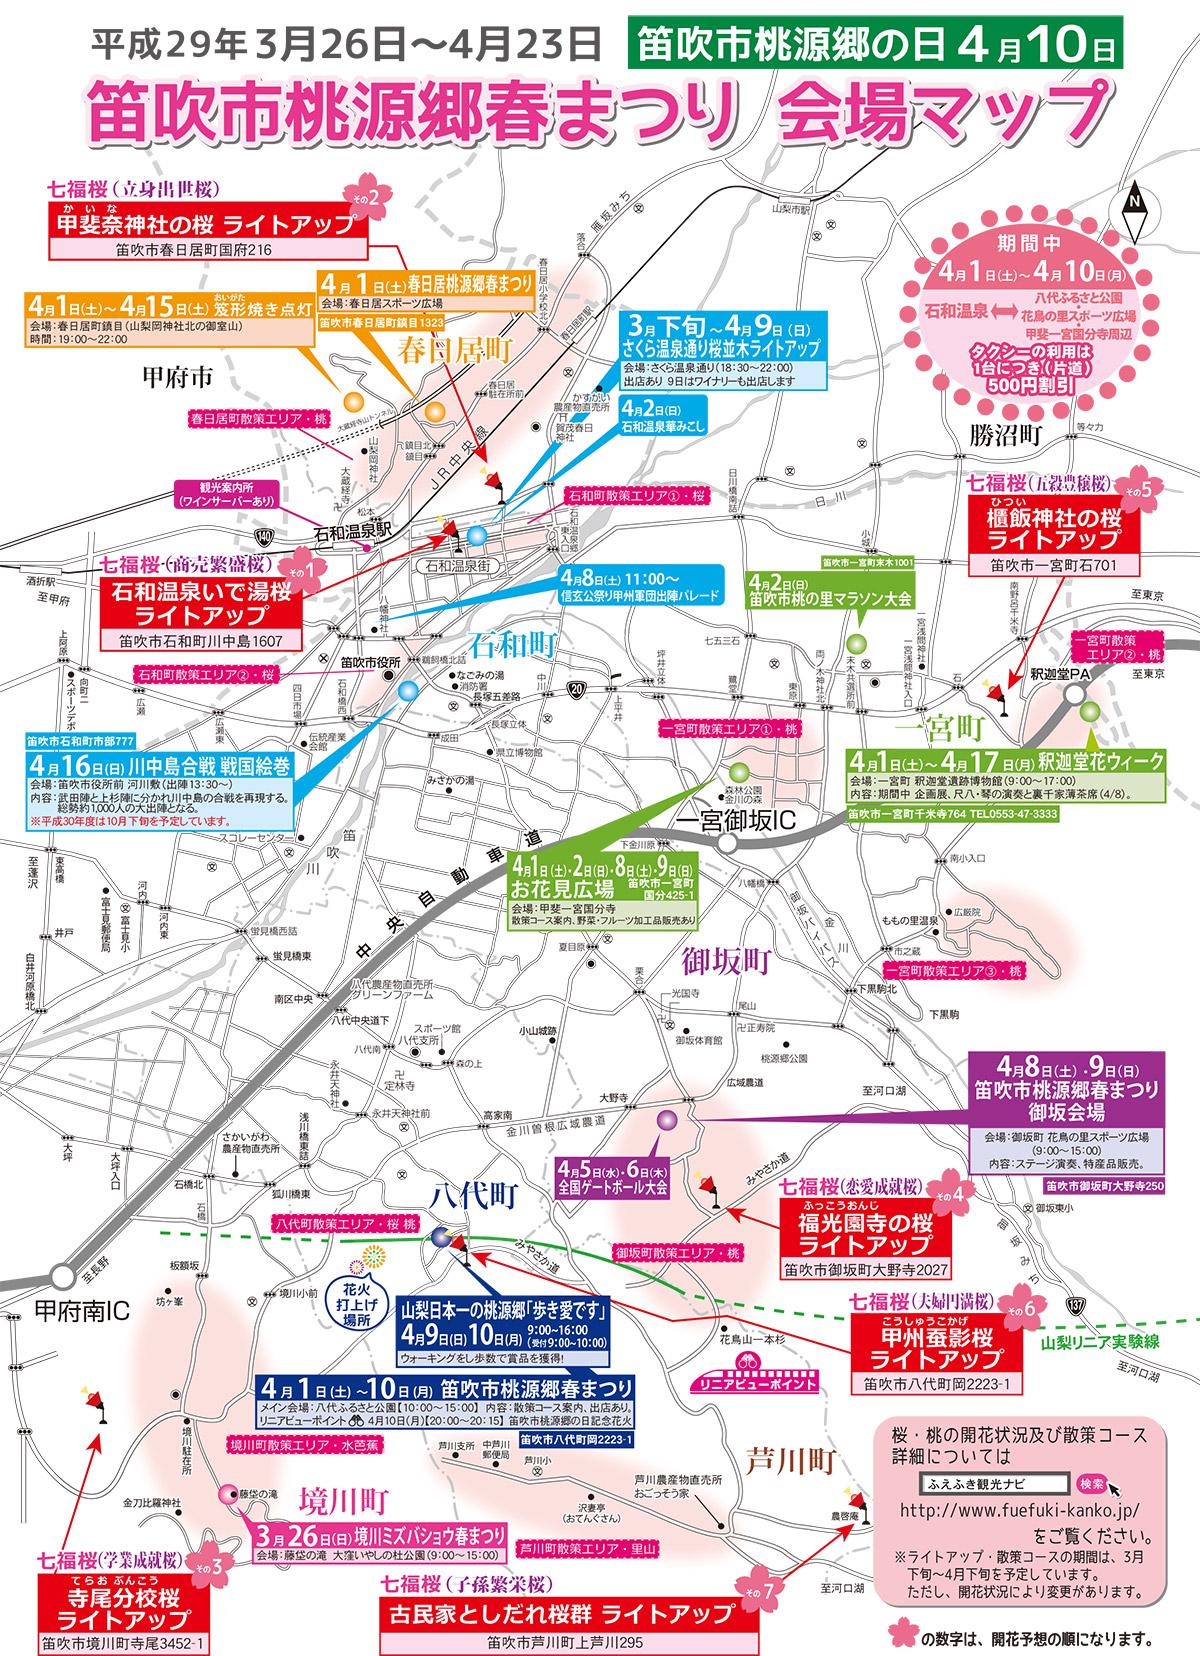 2017haru_leaflet_02